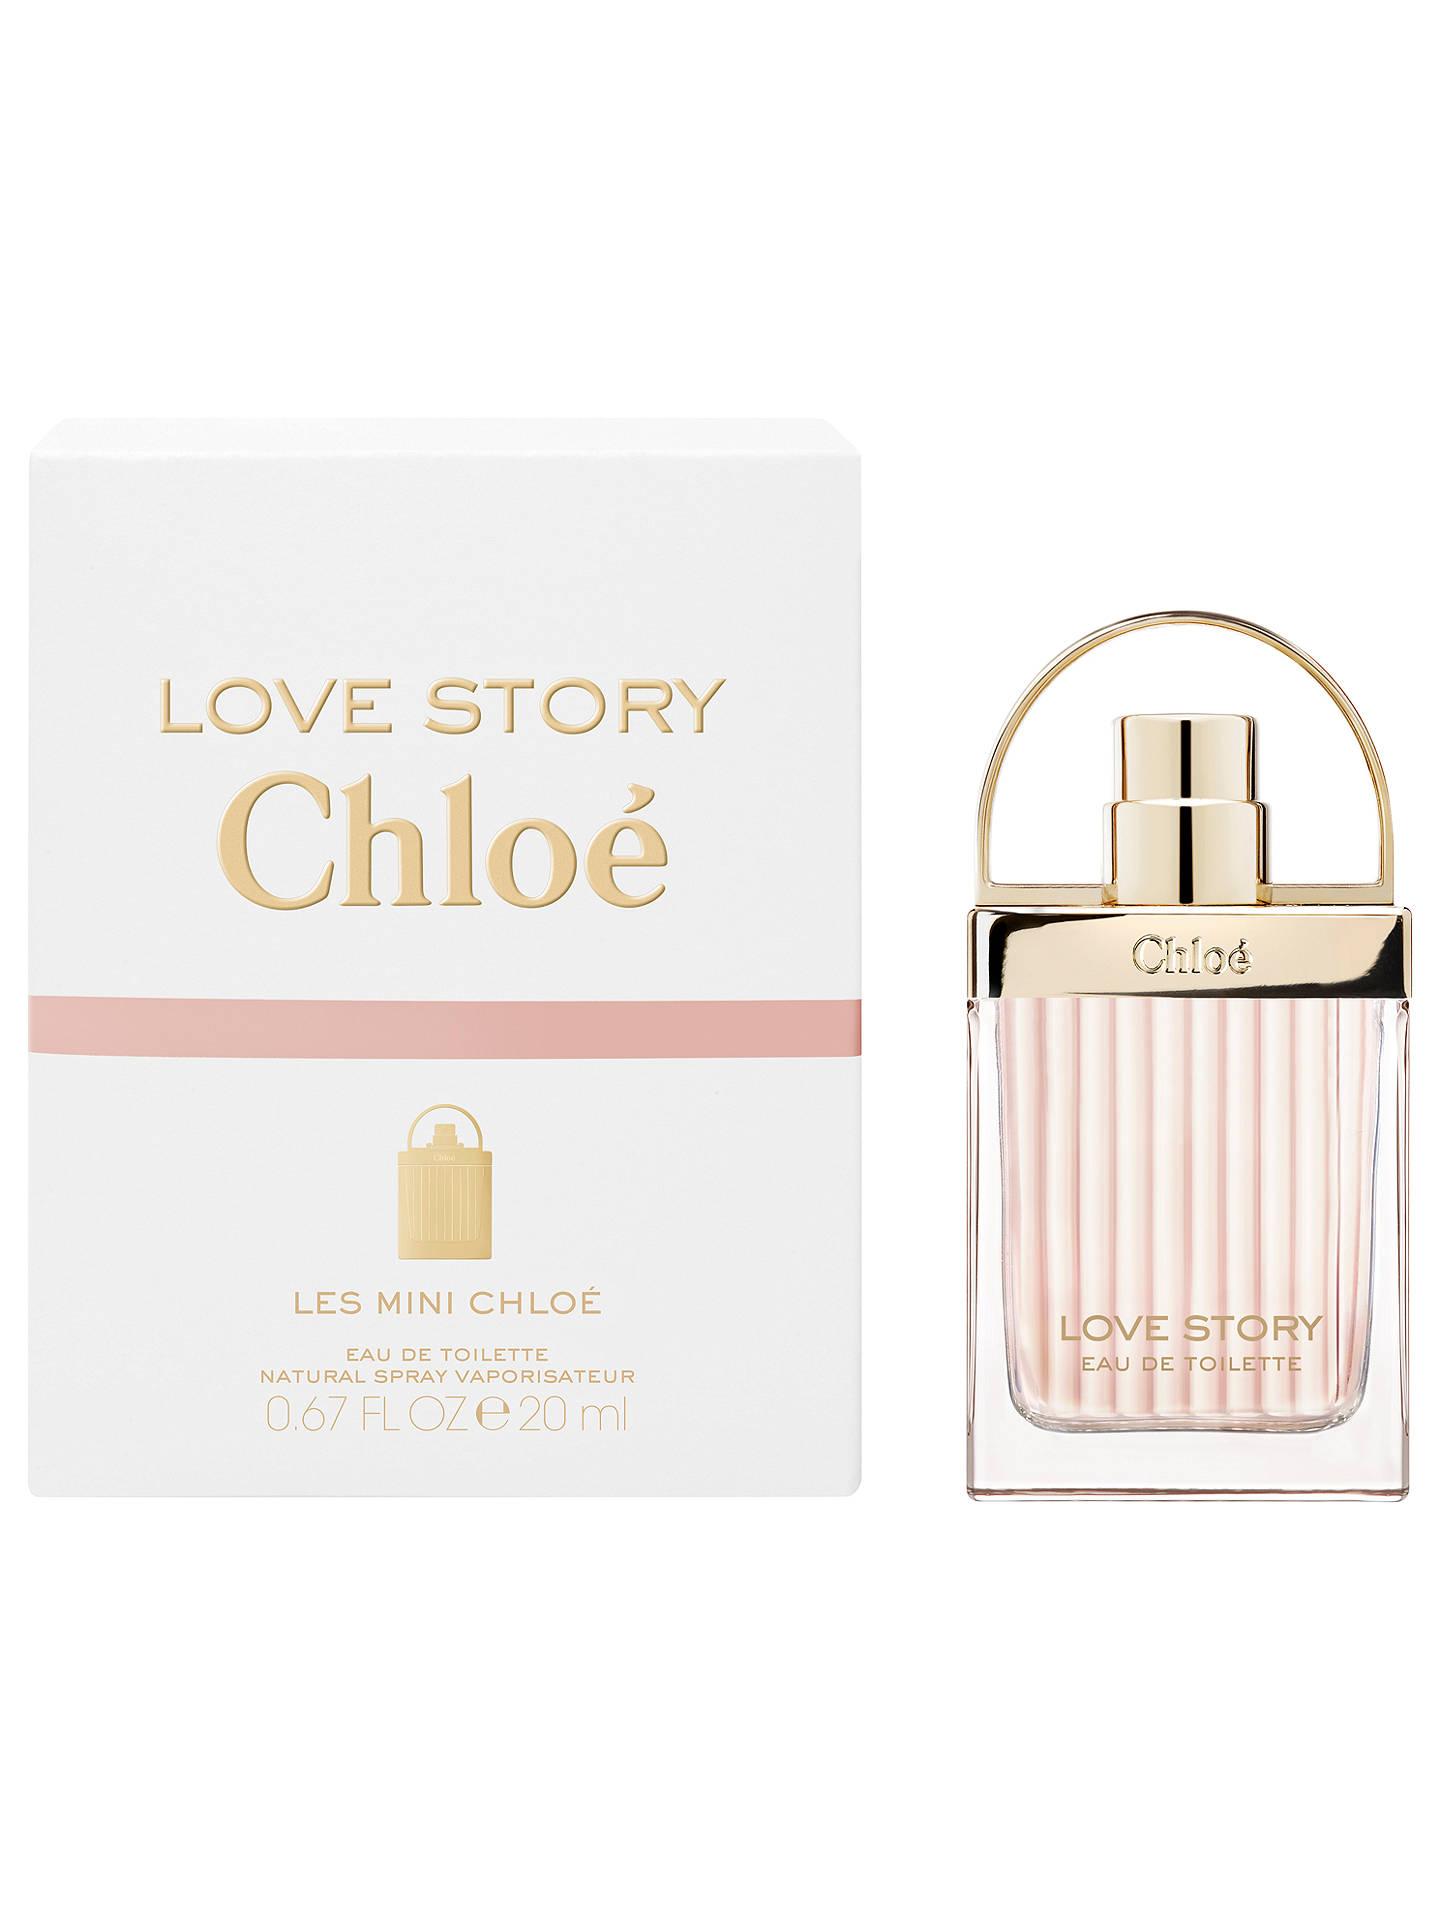 6a522e03c93 Buy Chloé Love Story Les Mini Chloé Eau de Toilette